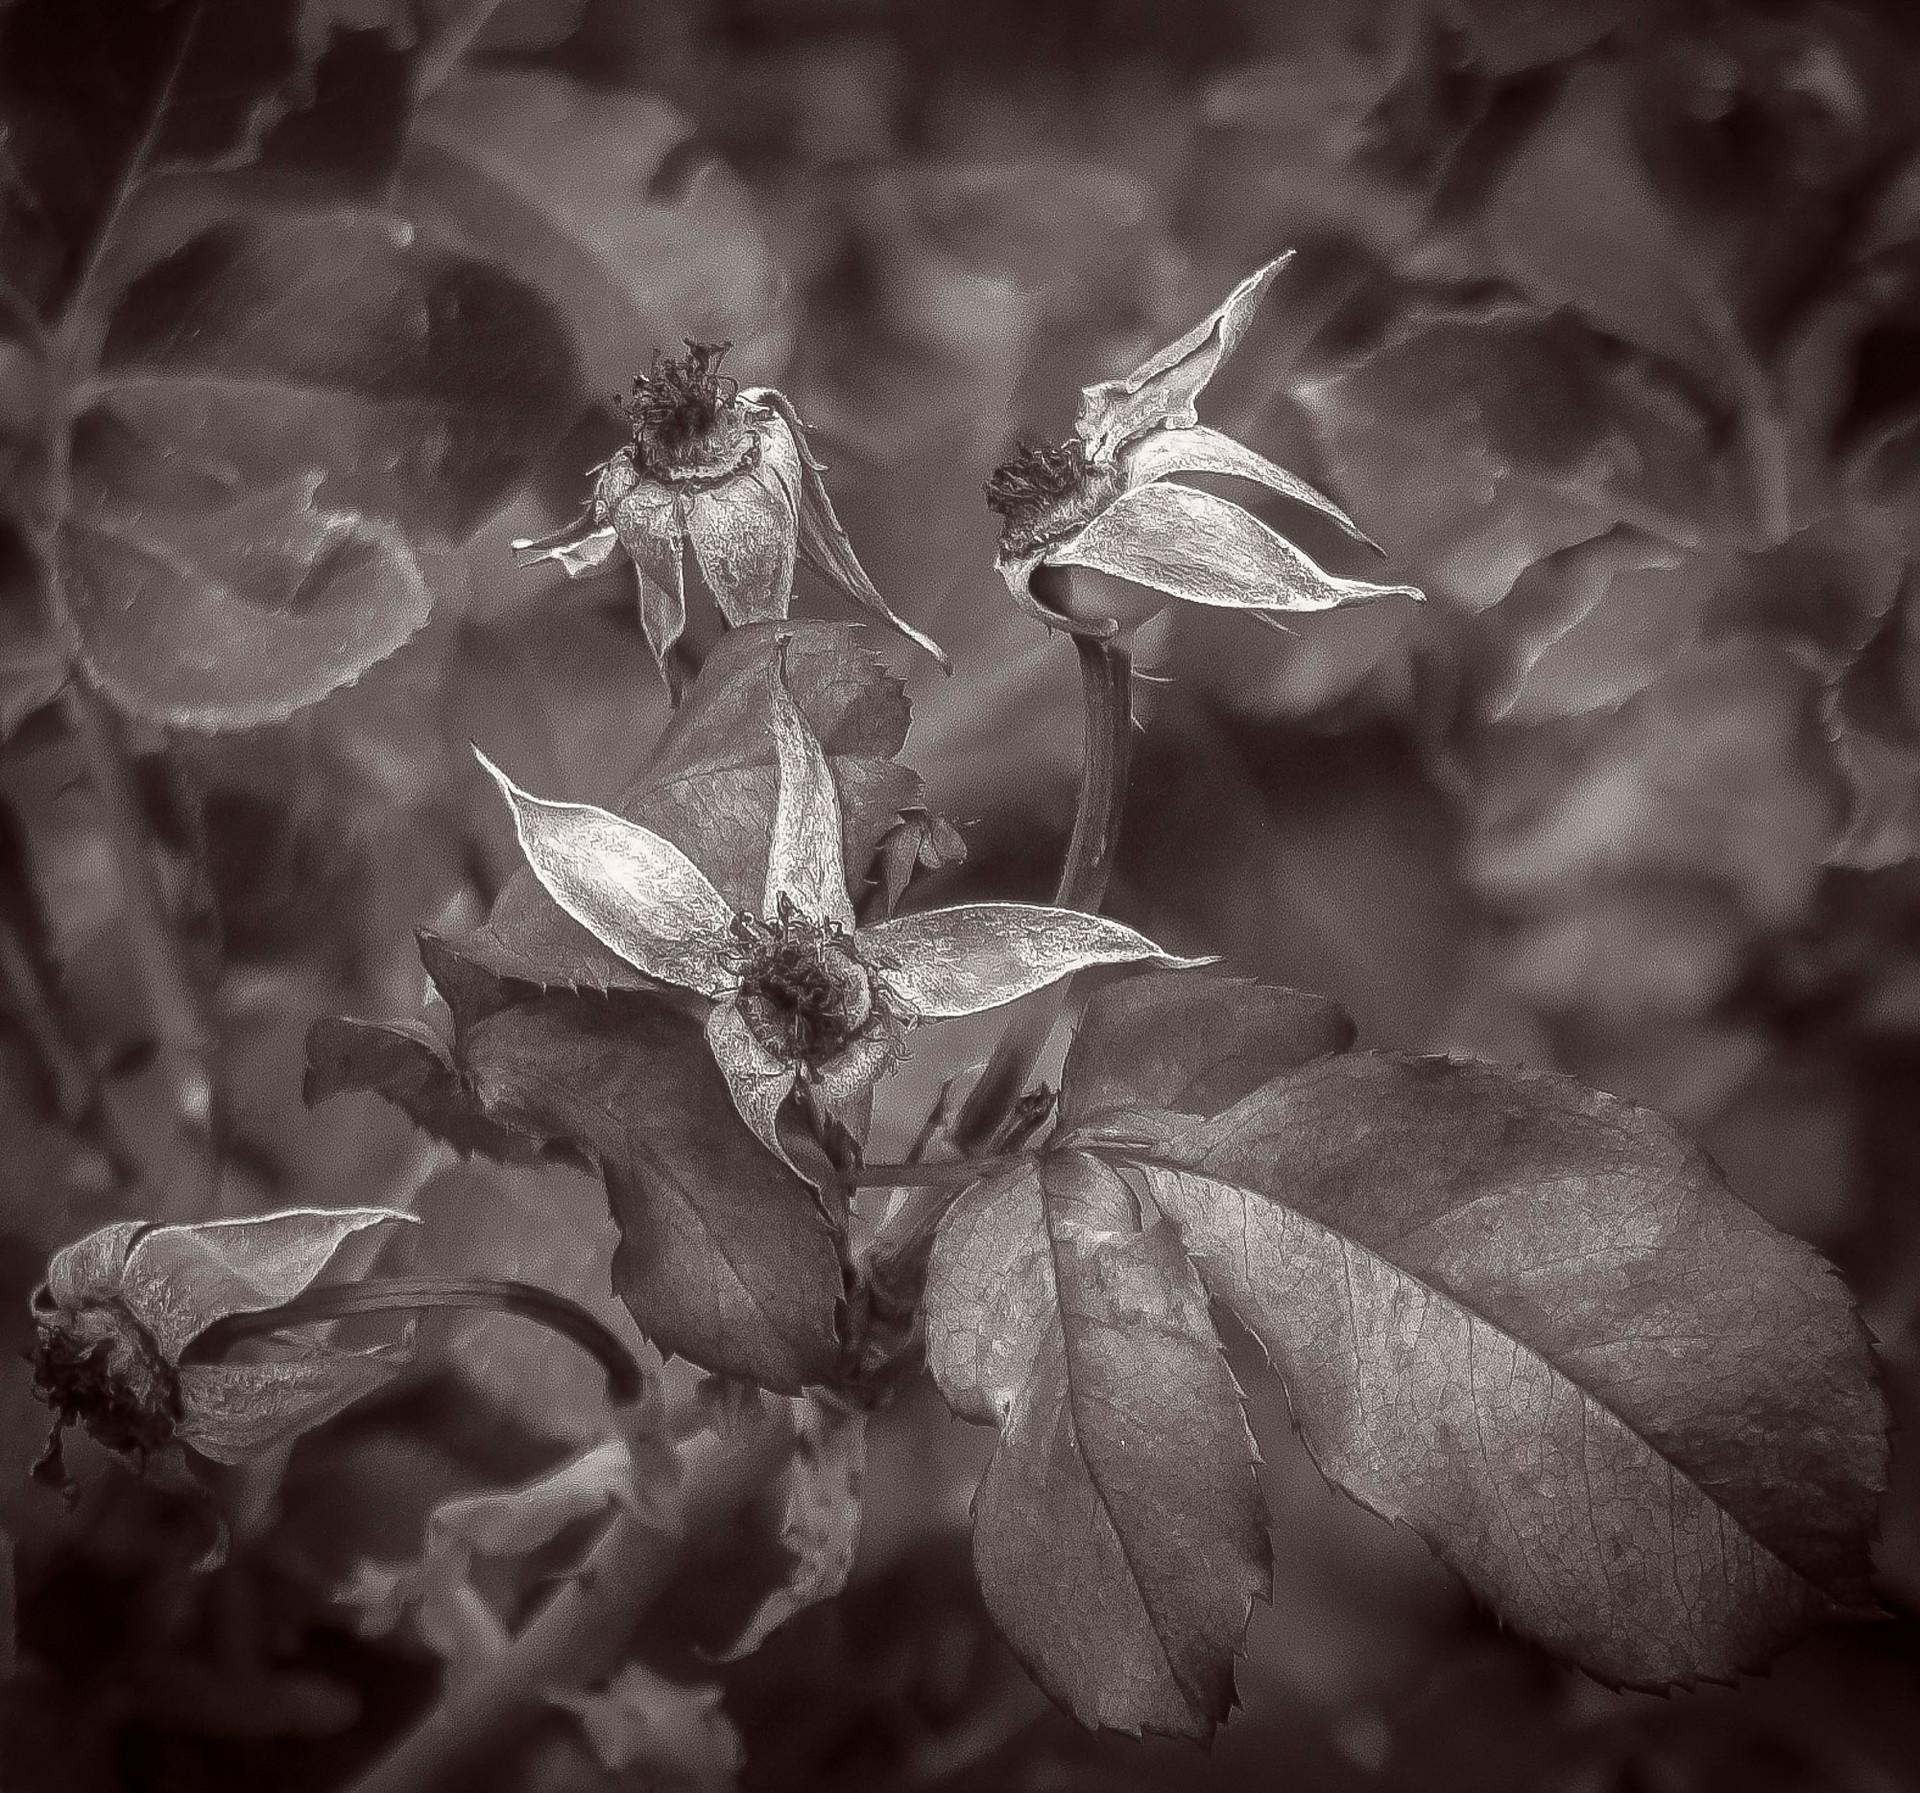 Siddho-Photography-nature-BW-30.jpg